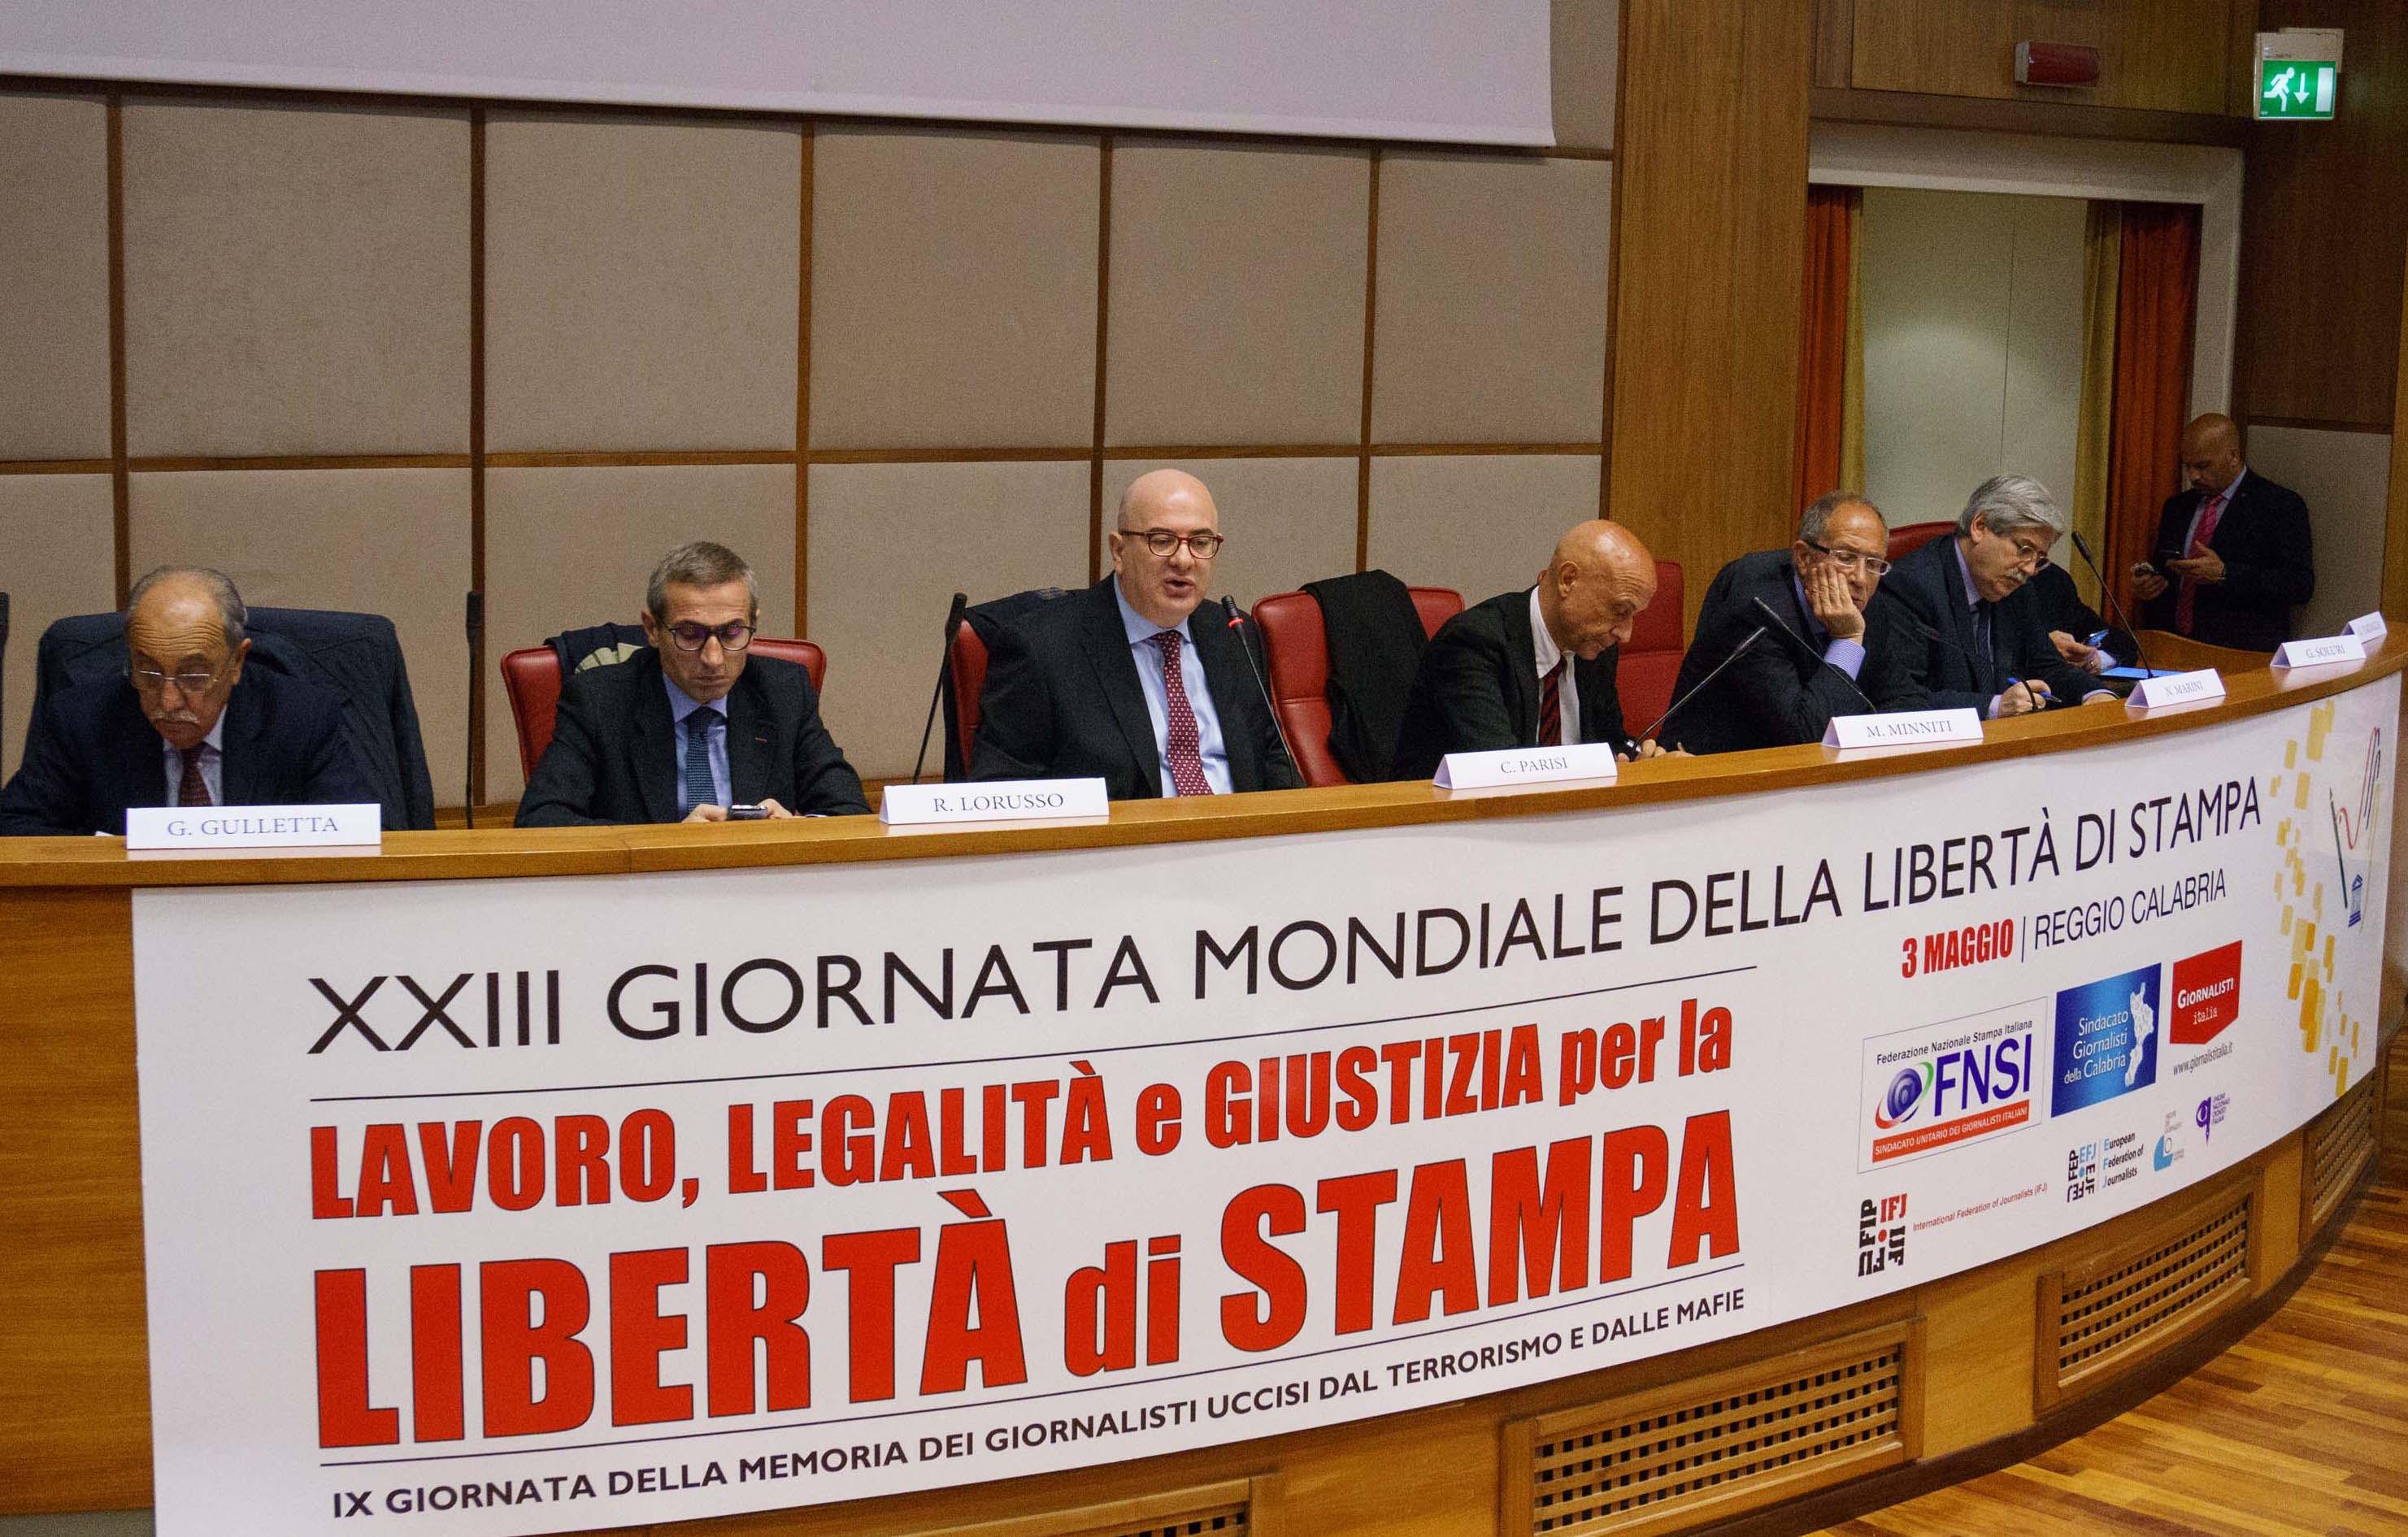 Libertà di stampa: il 3 maggio a Reggio Calabria